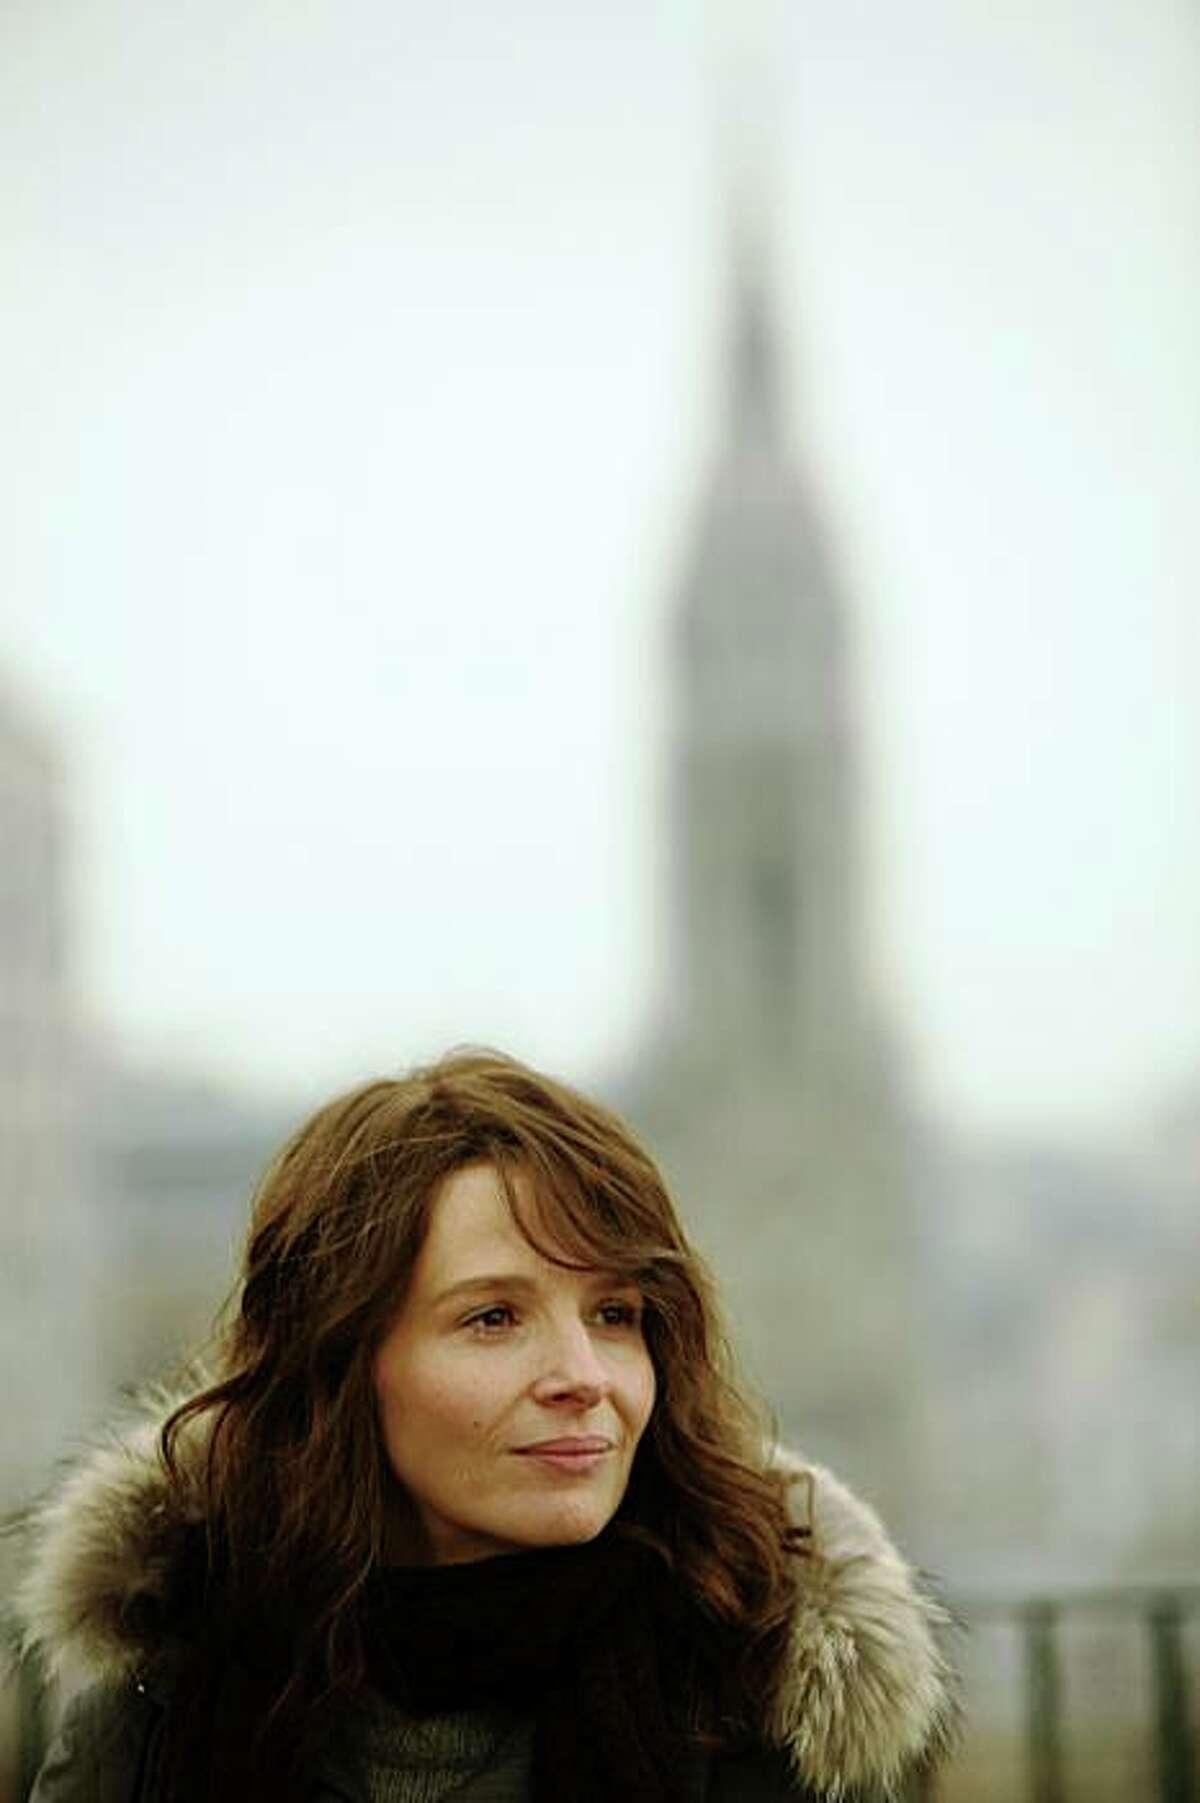 """Elise (Juliette Binoche) in Cedric Klapisch's 2009 film, """"Paris."""""""